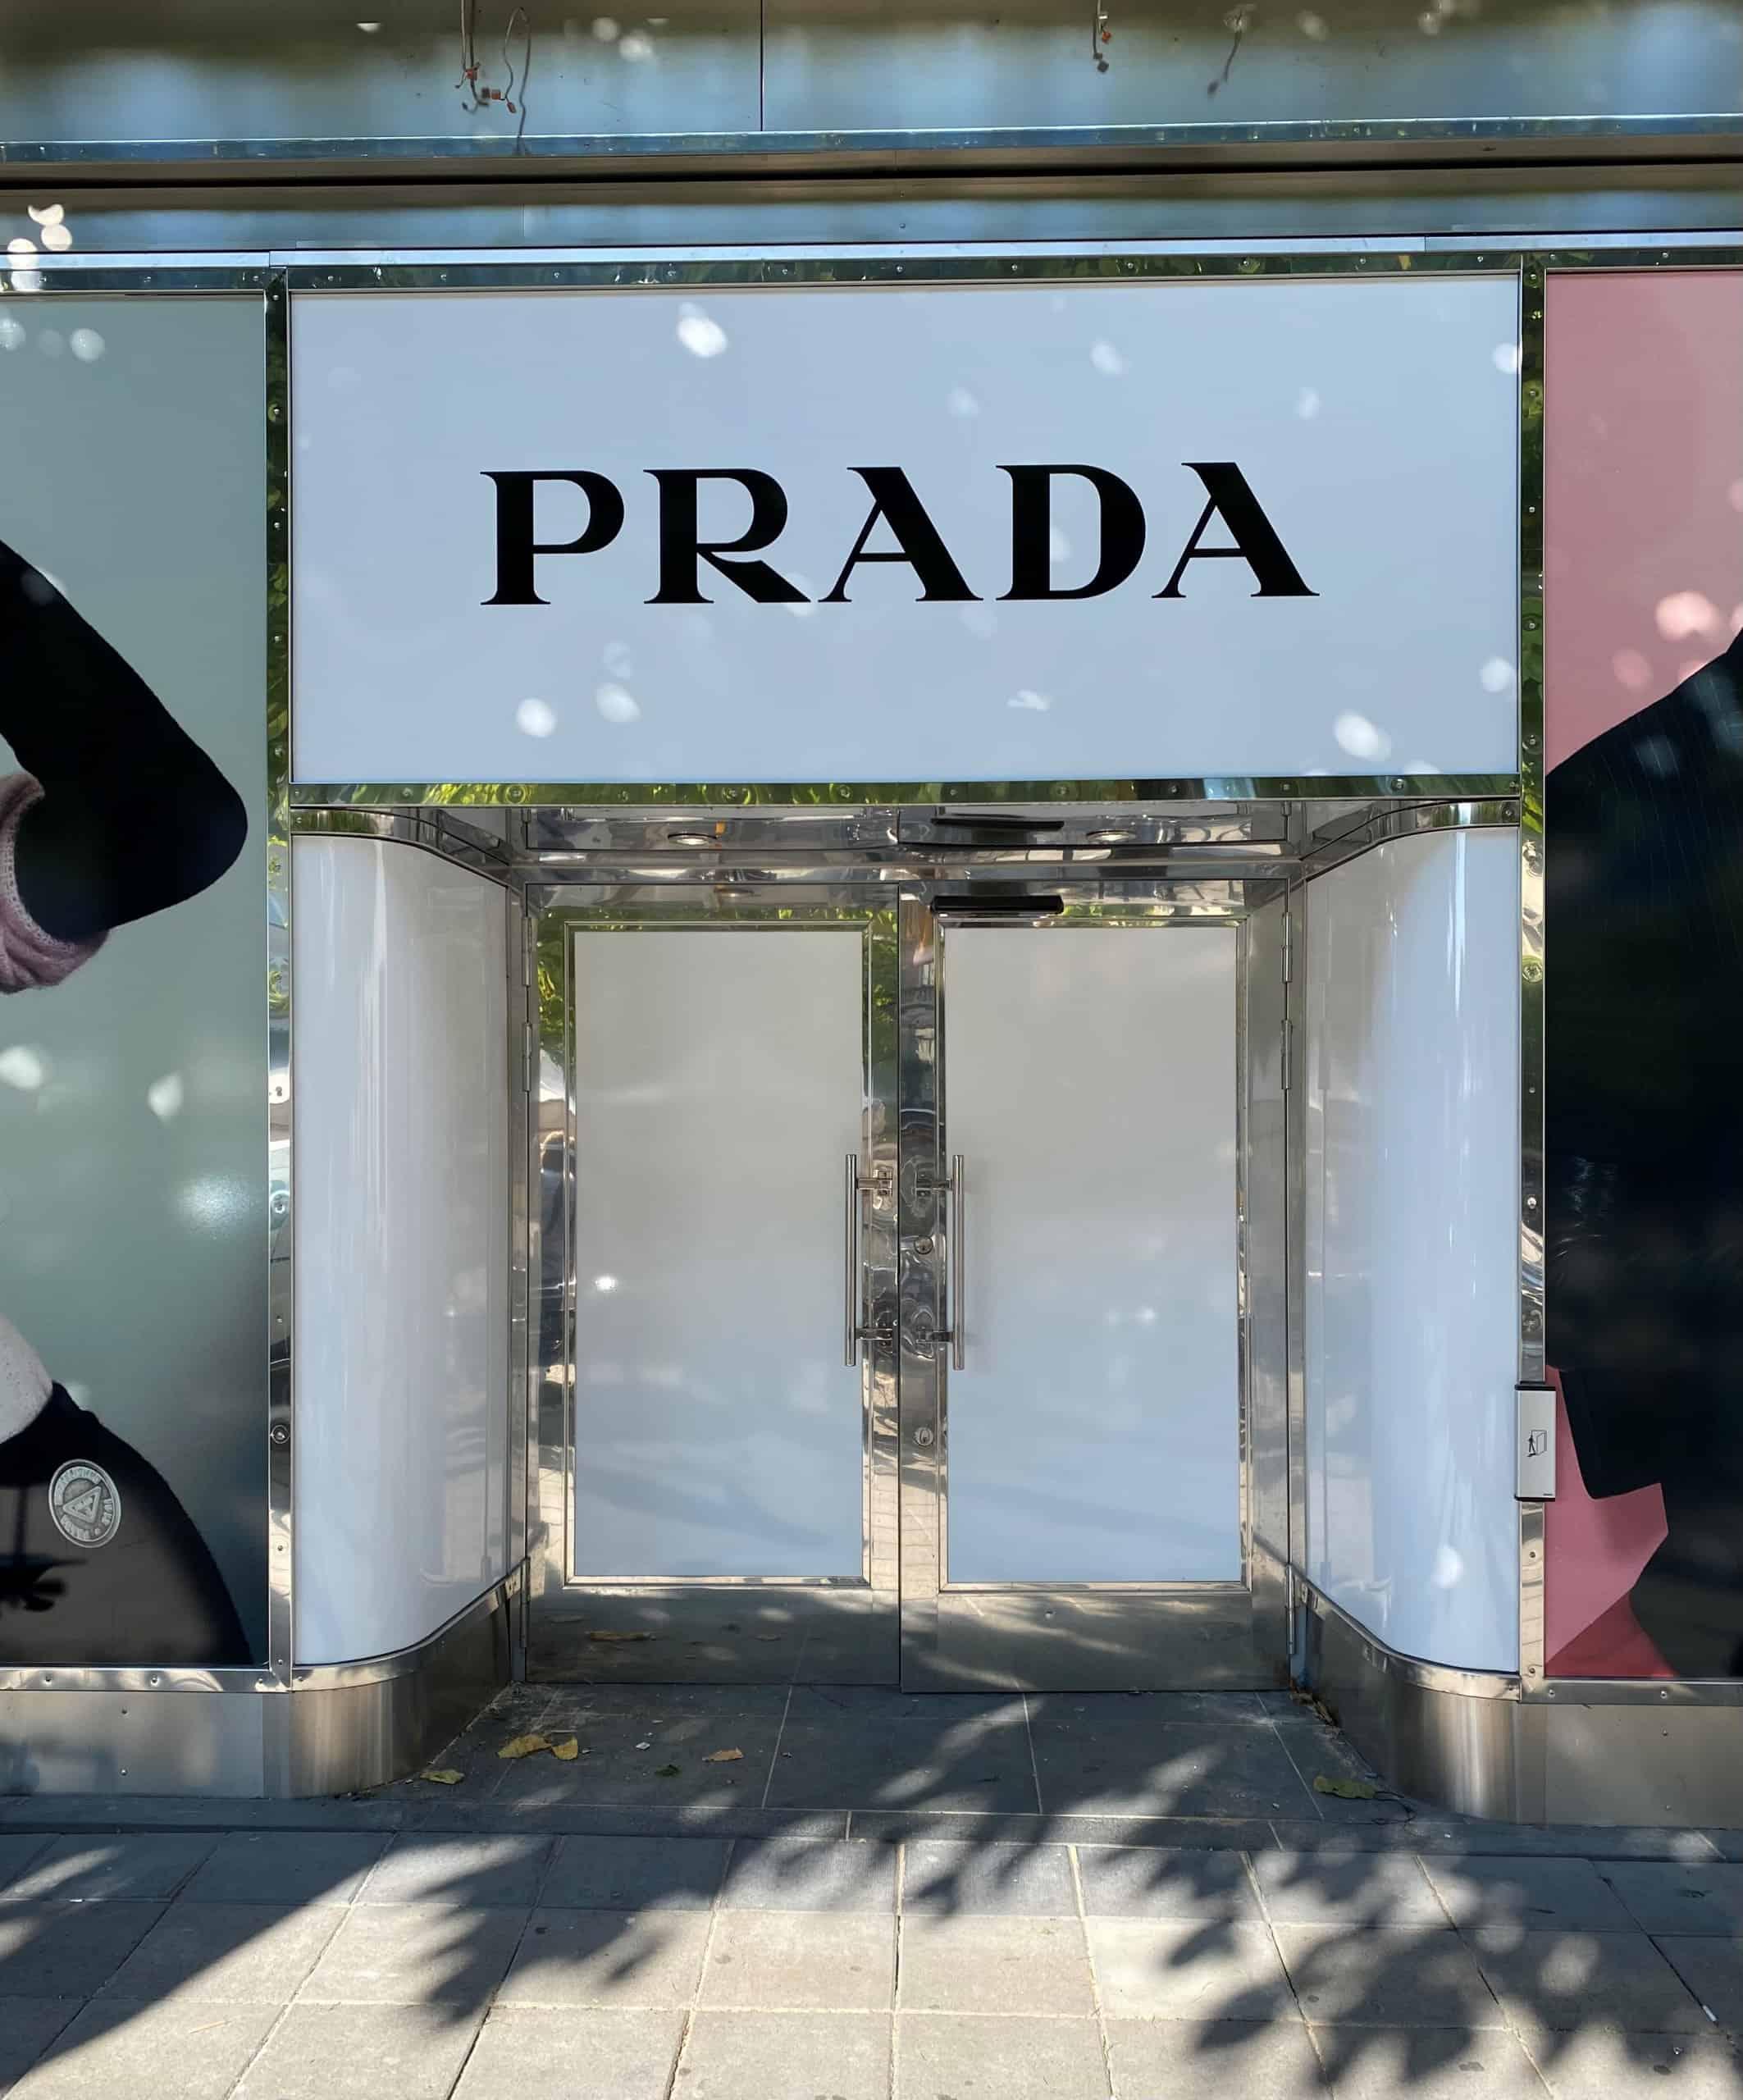 Prada öppnar pop-up butik i Hufvudstadens fastighet i Stockholm